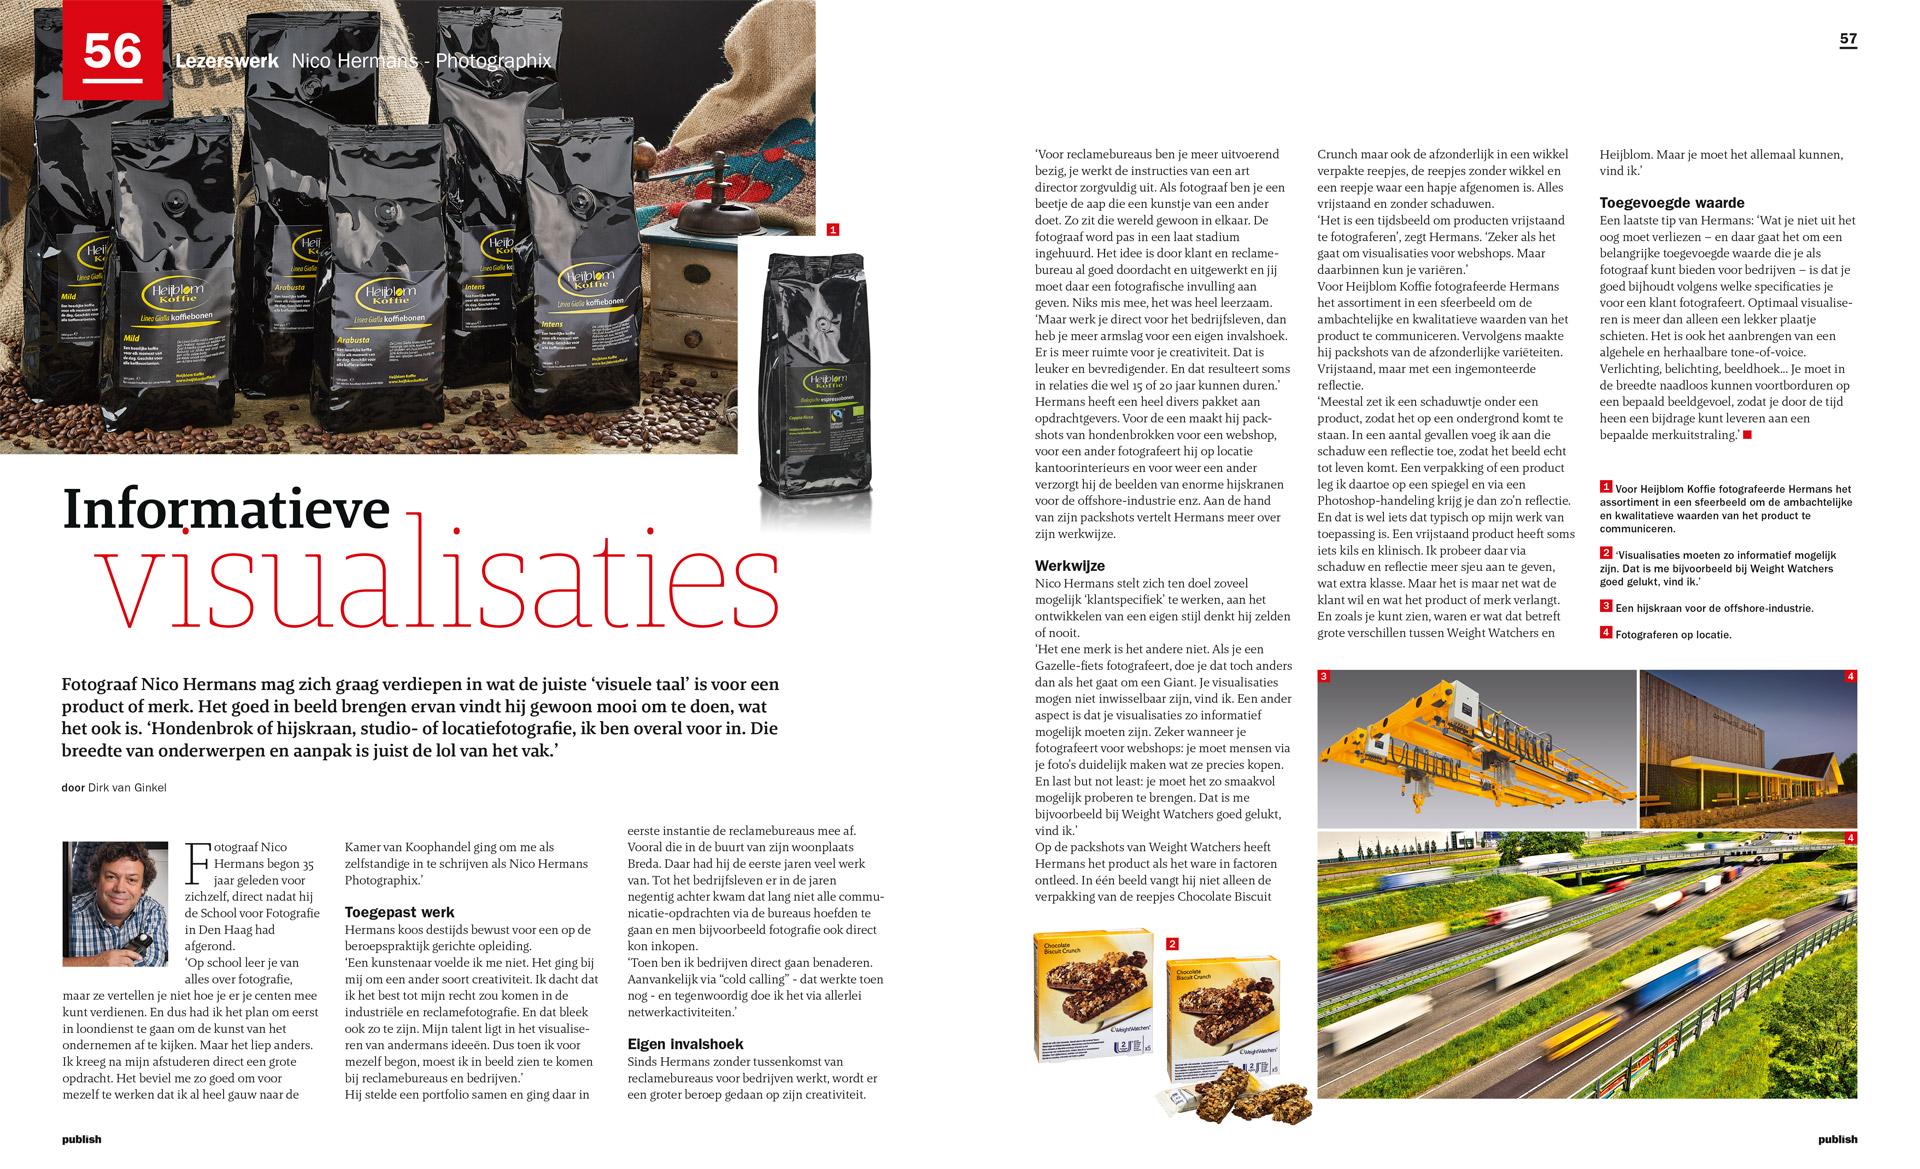 artikel in Publish over NICO HERMANS PhotoGraphix productfotograaf in Breda